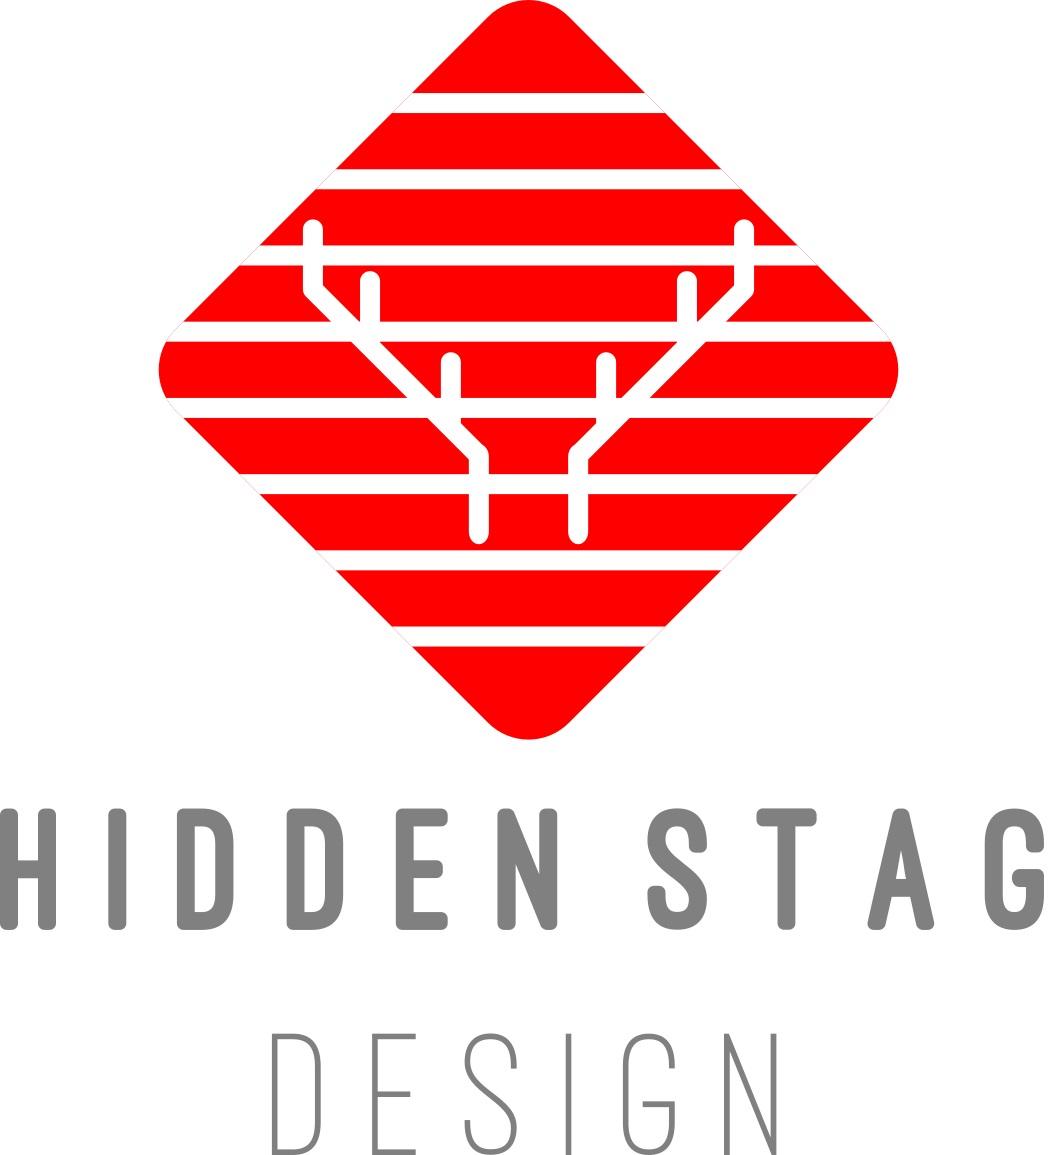 Hidden Stag Design